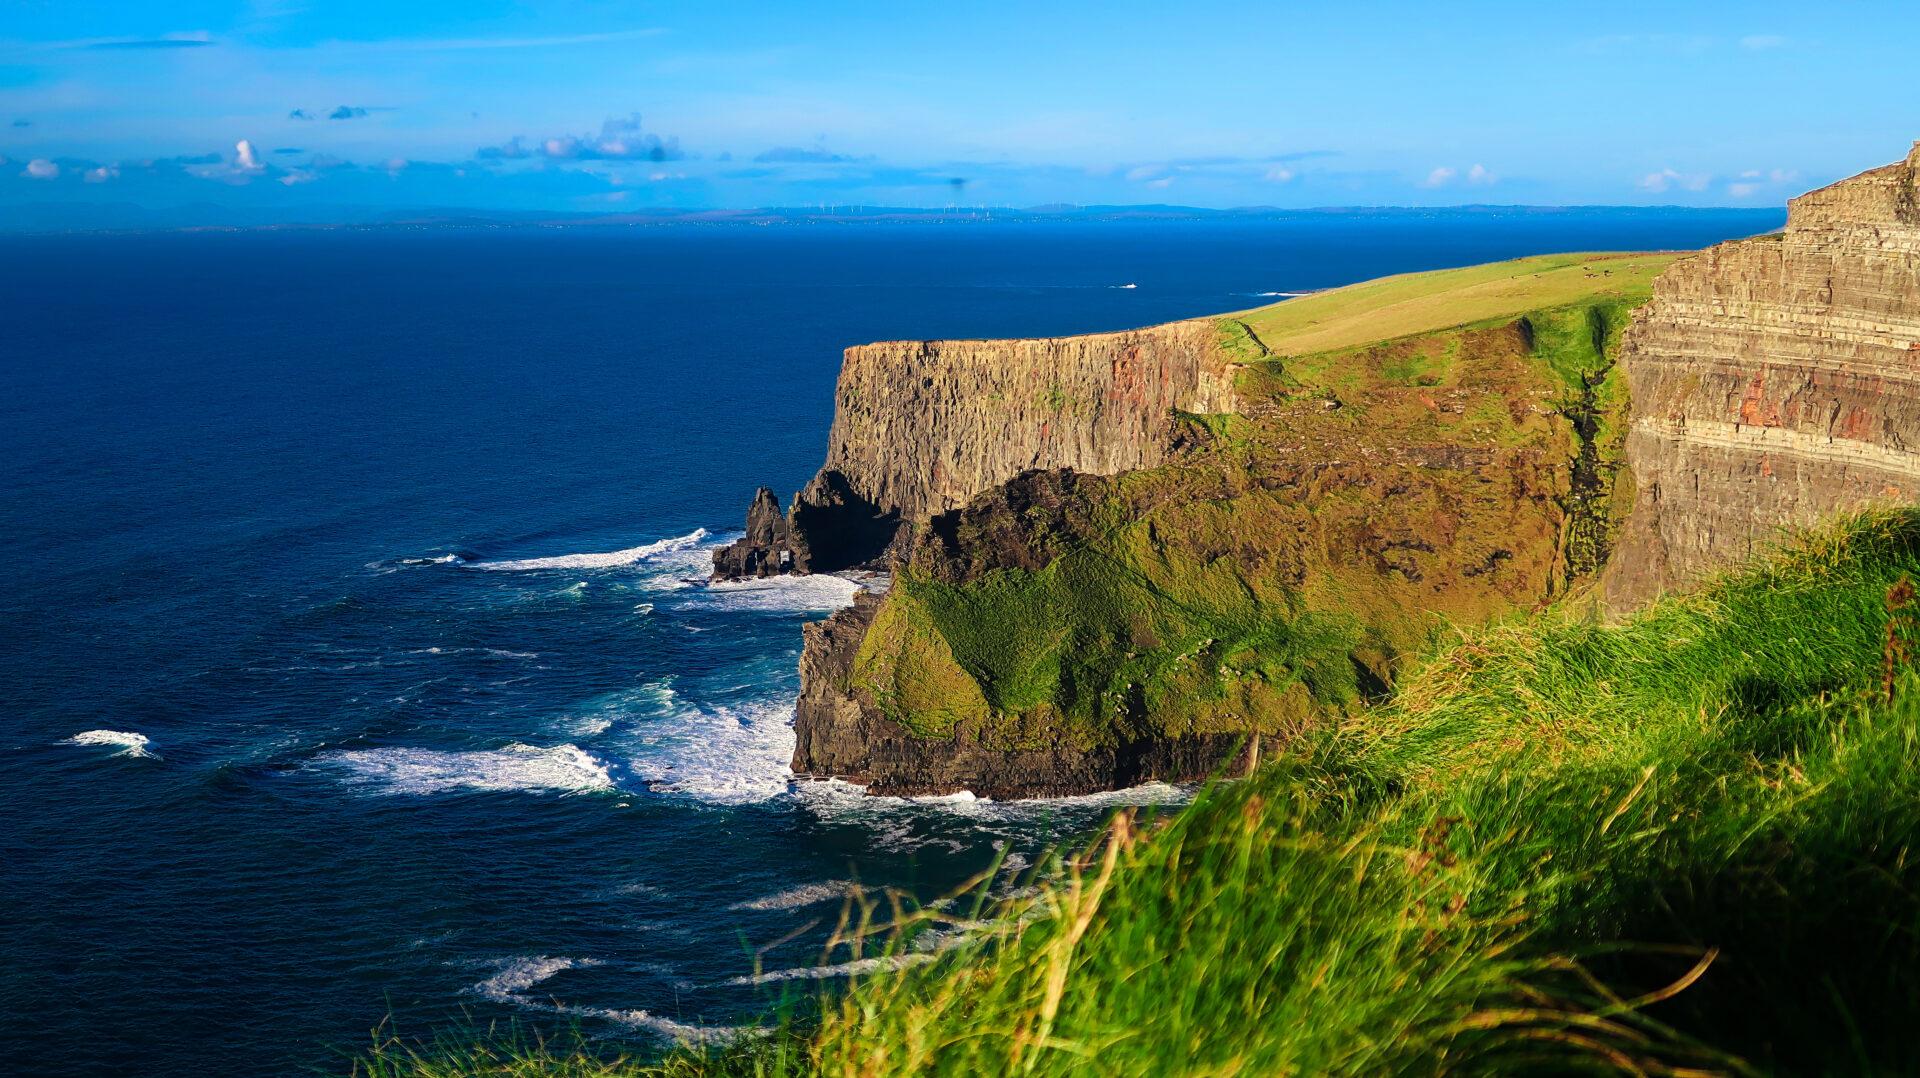 Kilkee Cliffs - Irlanda 2018